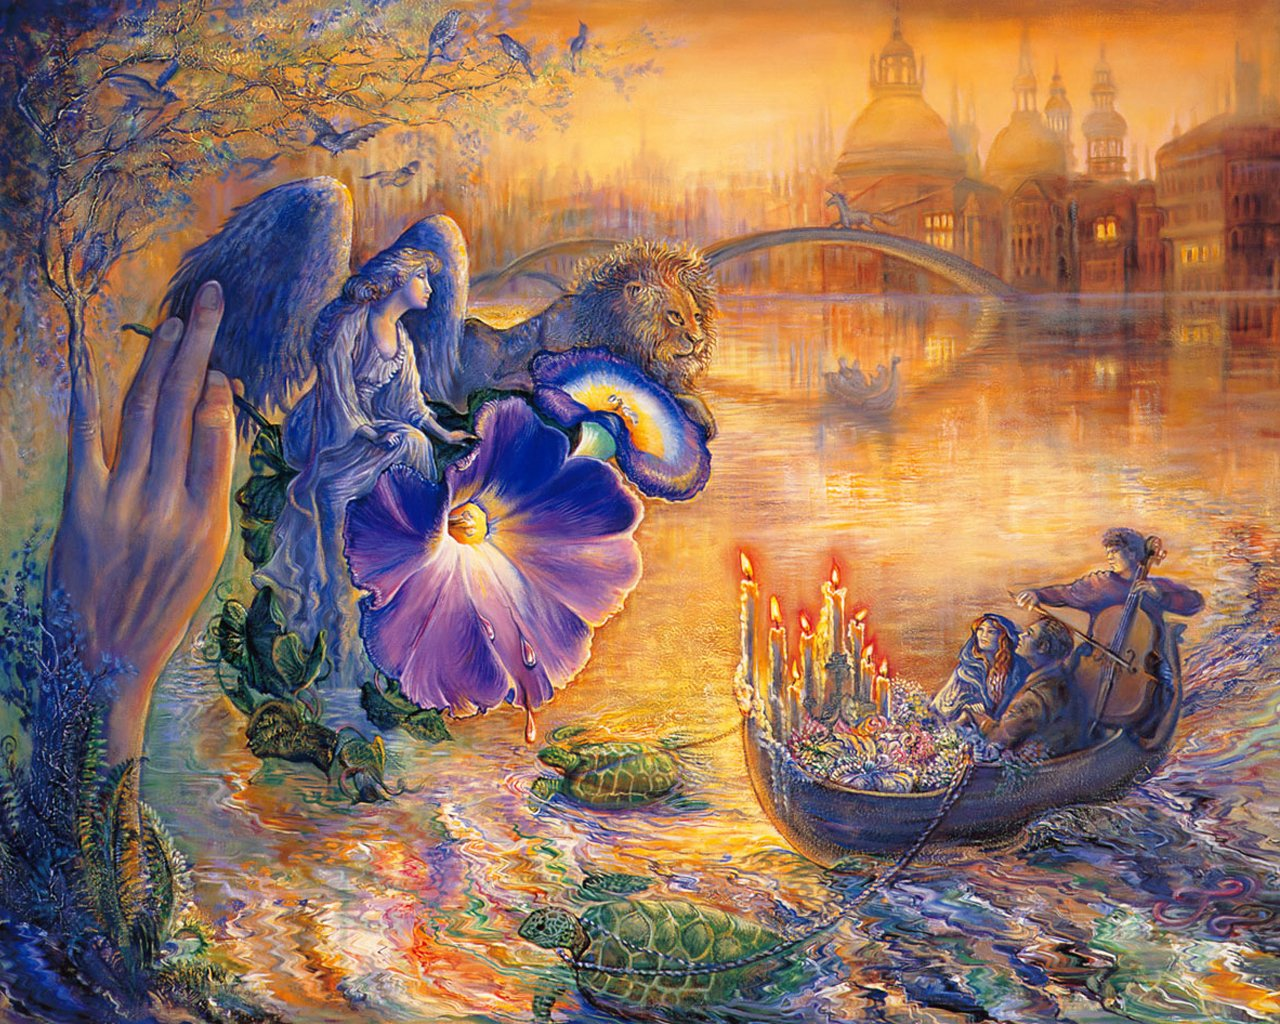 Fantasy Wallpapers Screensavers